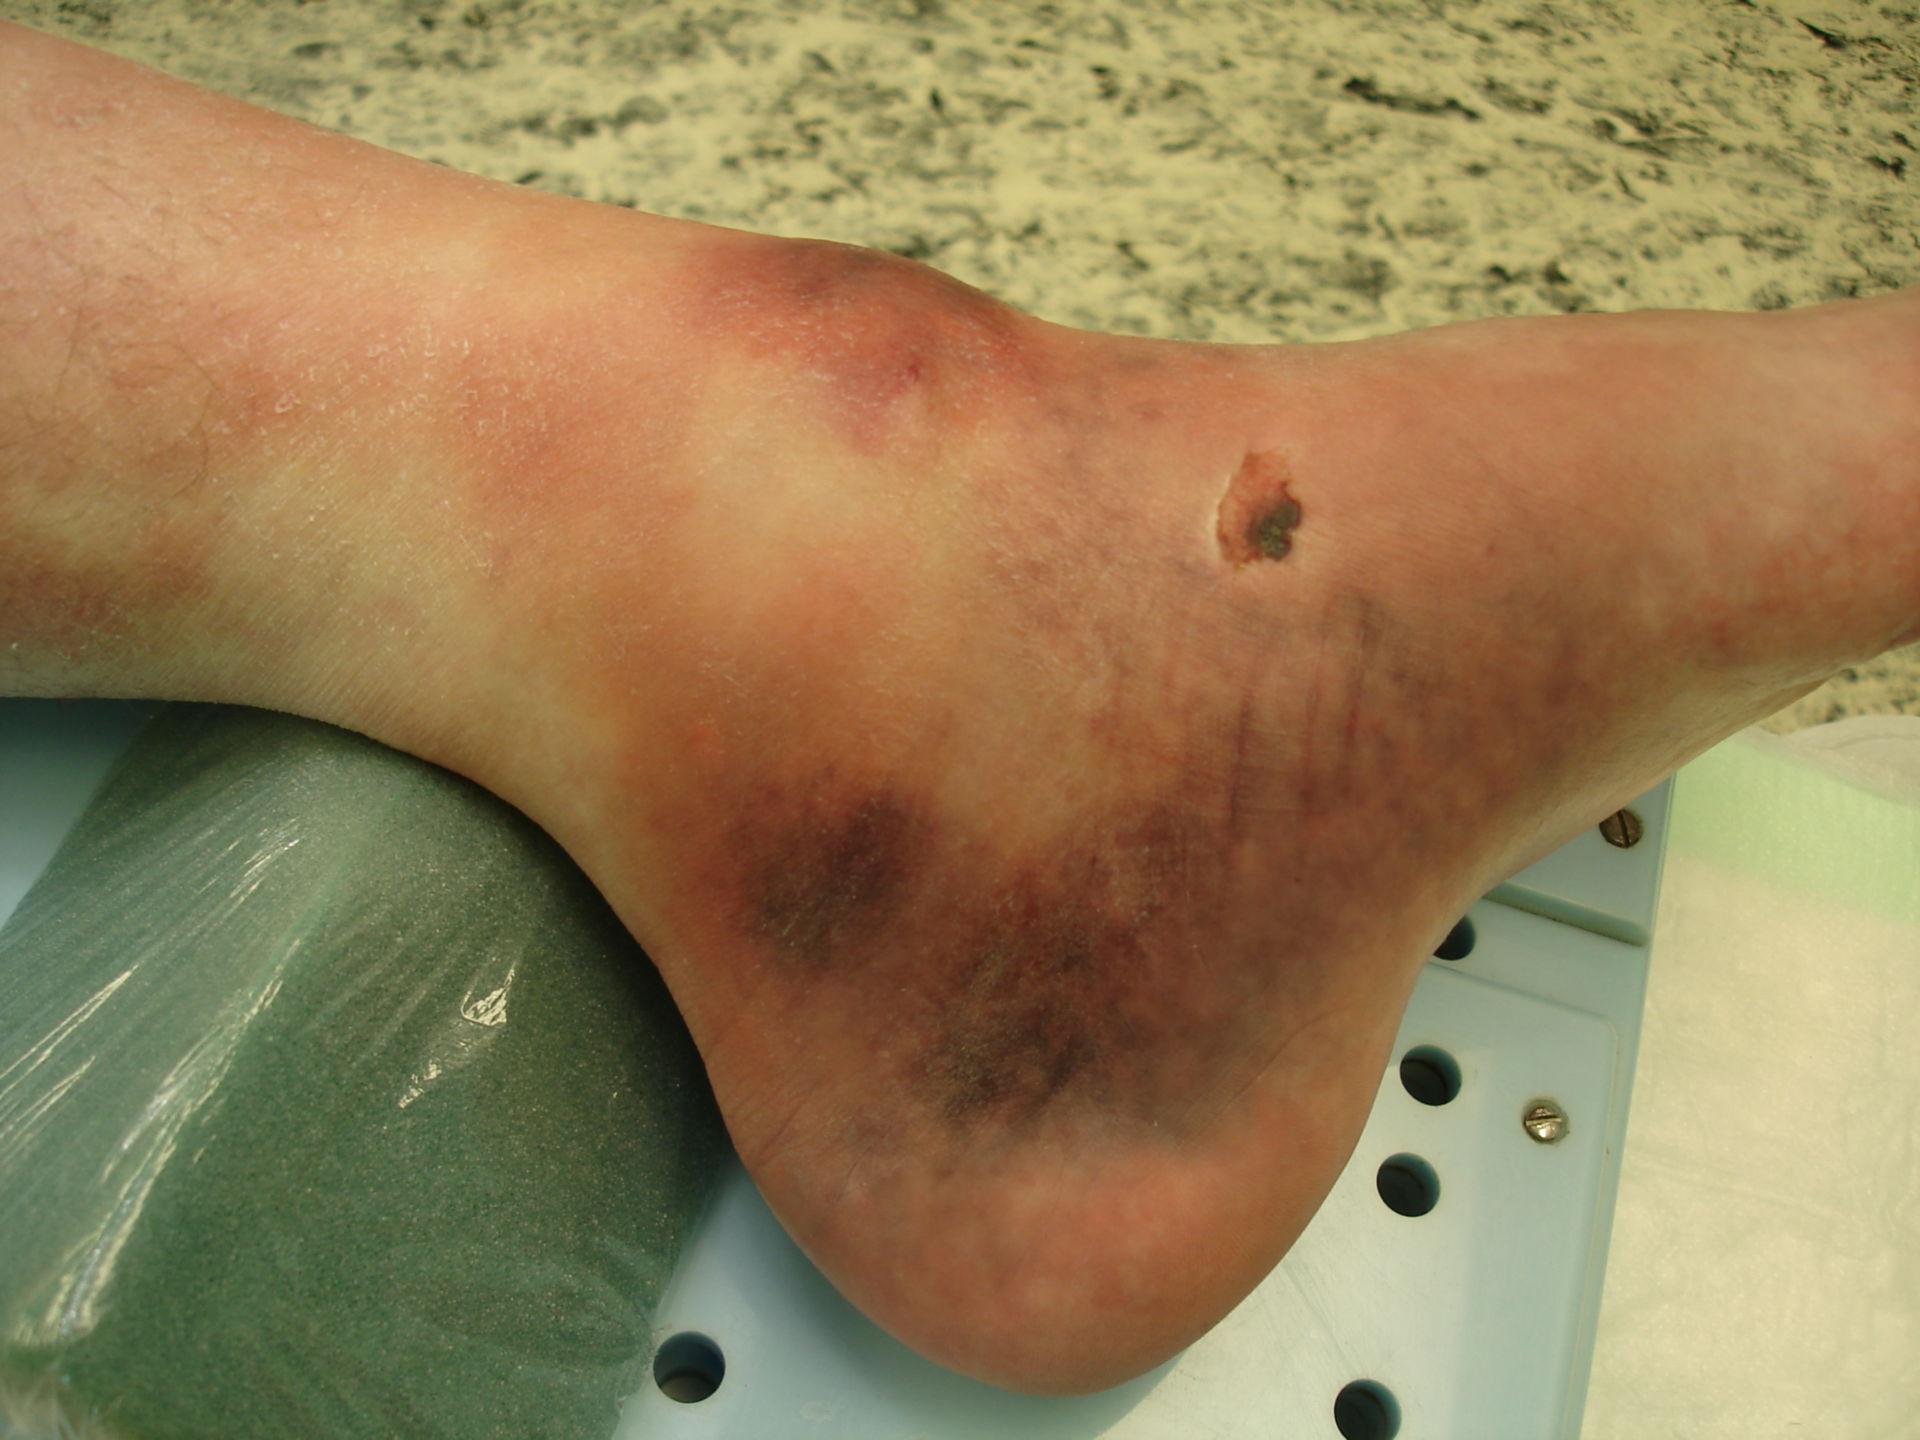 Fractura de tobillo, 24 horas después del incidente